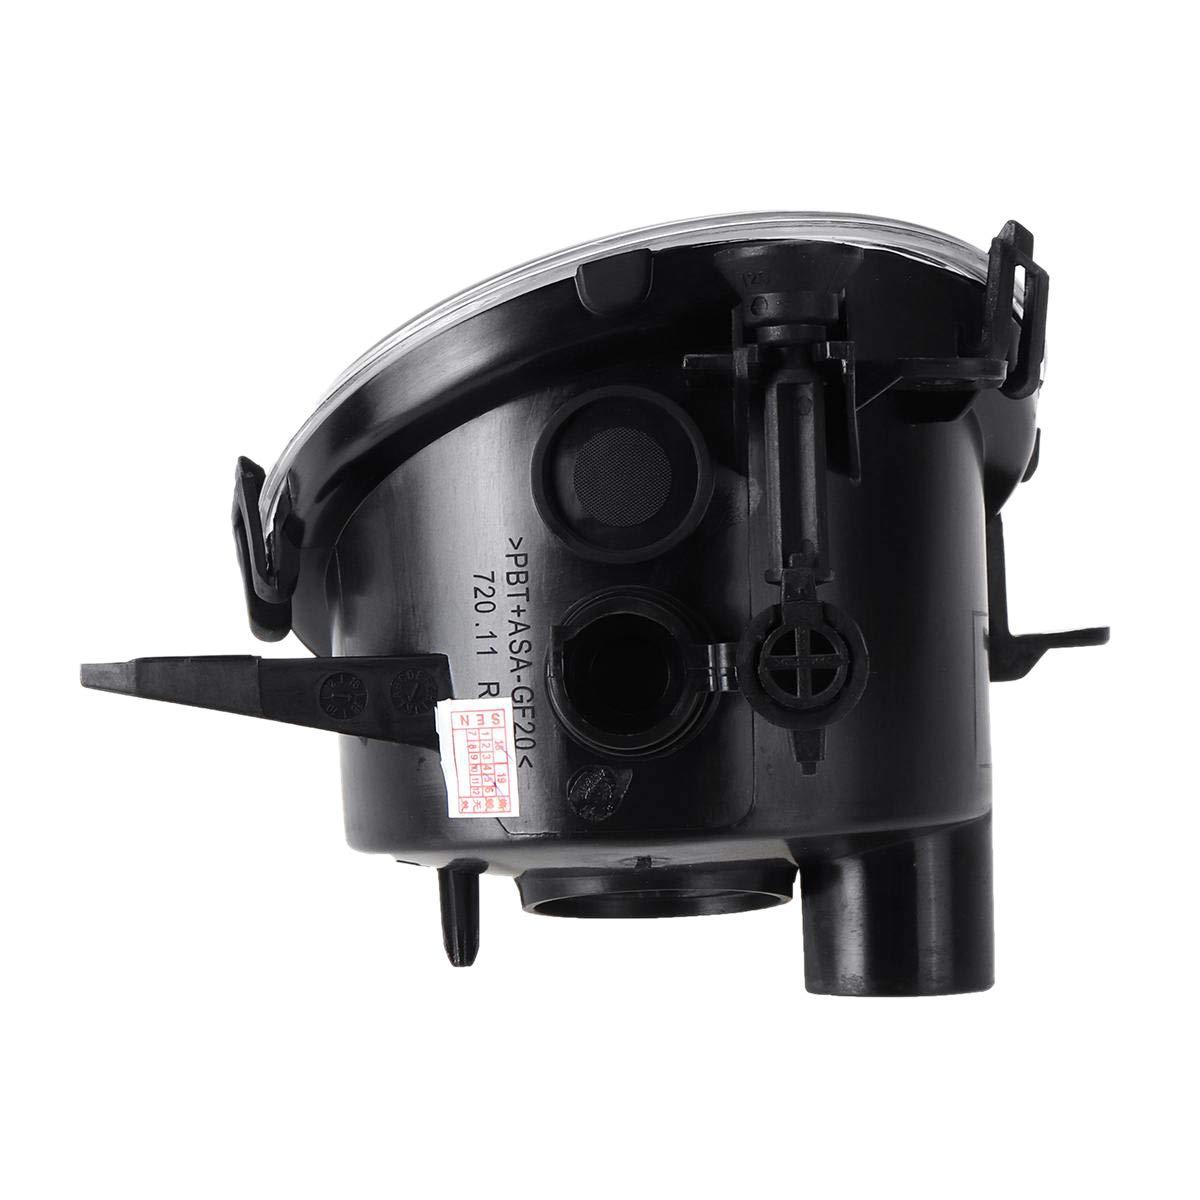 TOOGOO Couvercle de Lampe Antibrouillard Antibrouillard Avant pour Embarquement sans Ampoule pour la S/éRie 3 F22 F23 F30 F31 F32 F33 F34 F35 F36 2012 2013 2014 2015 Droite